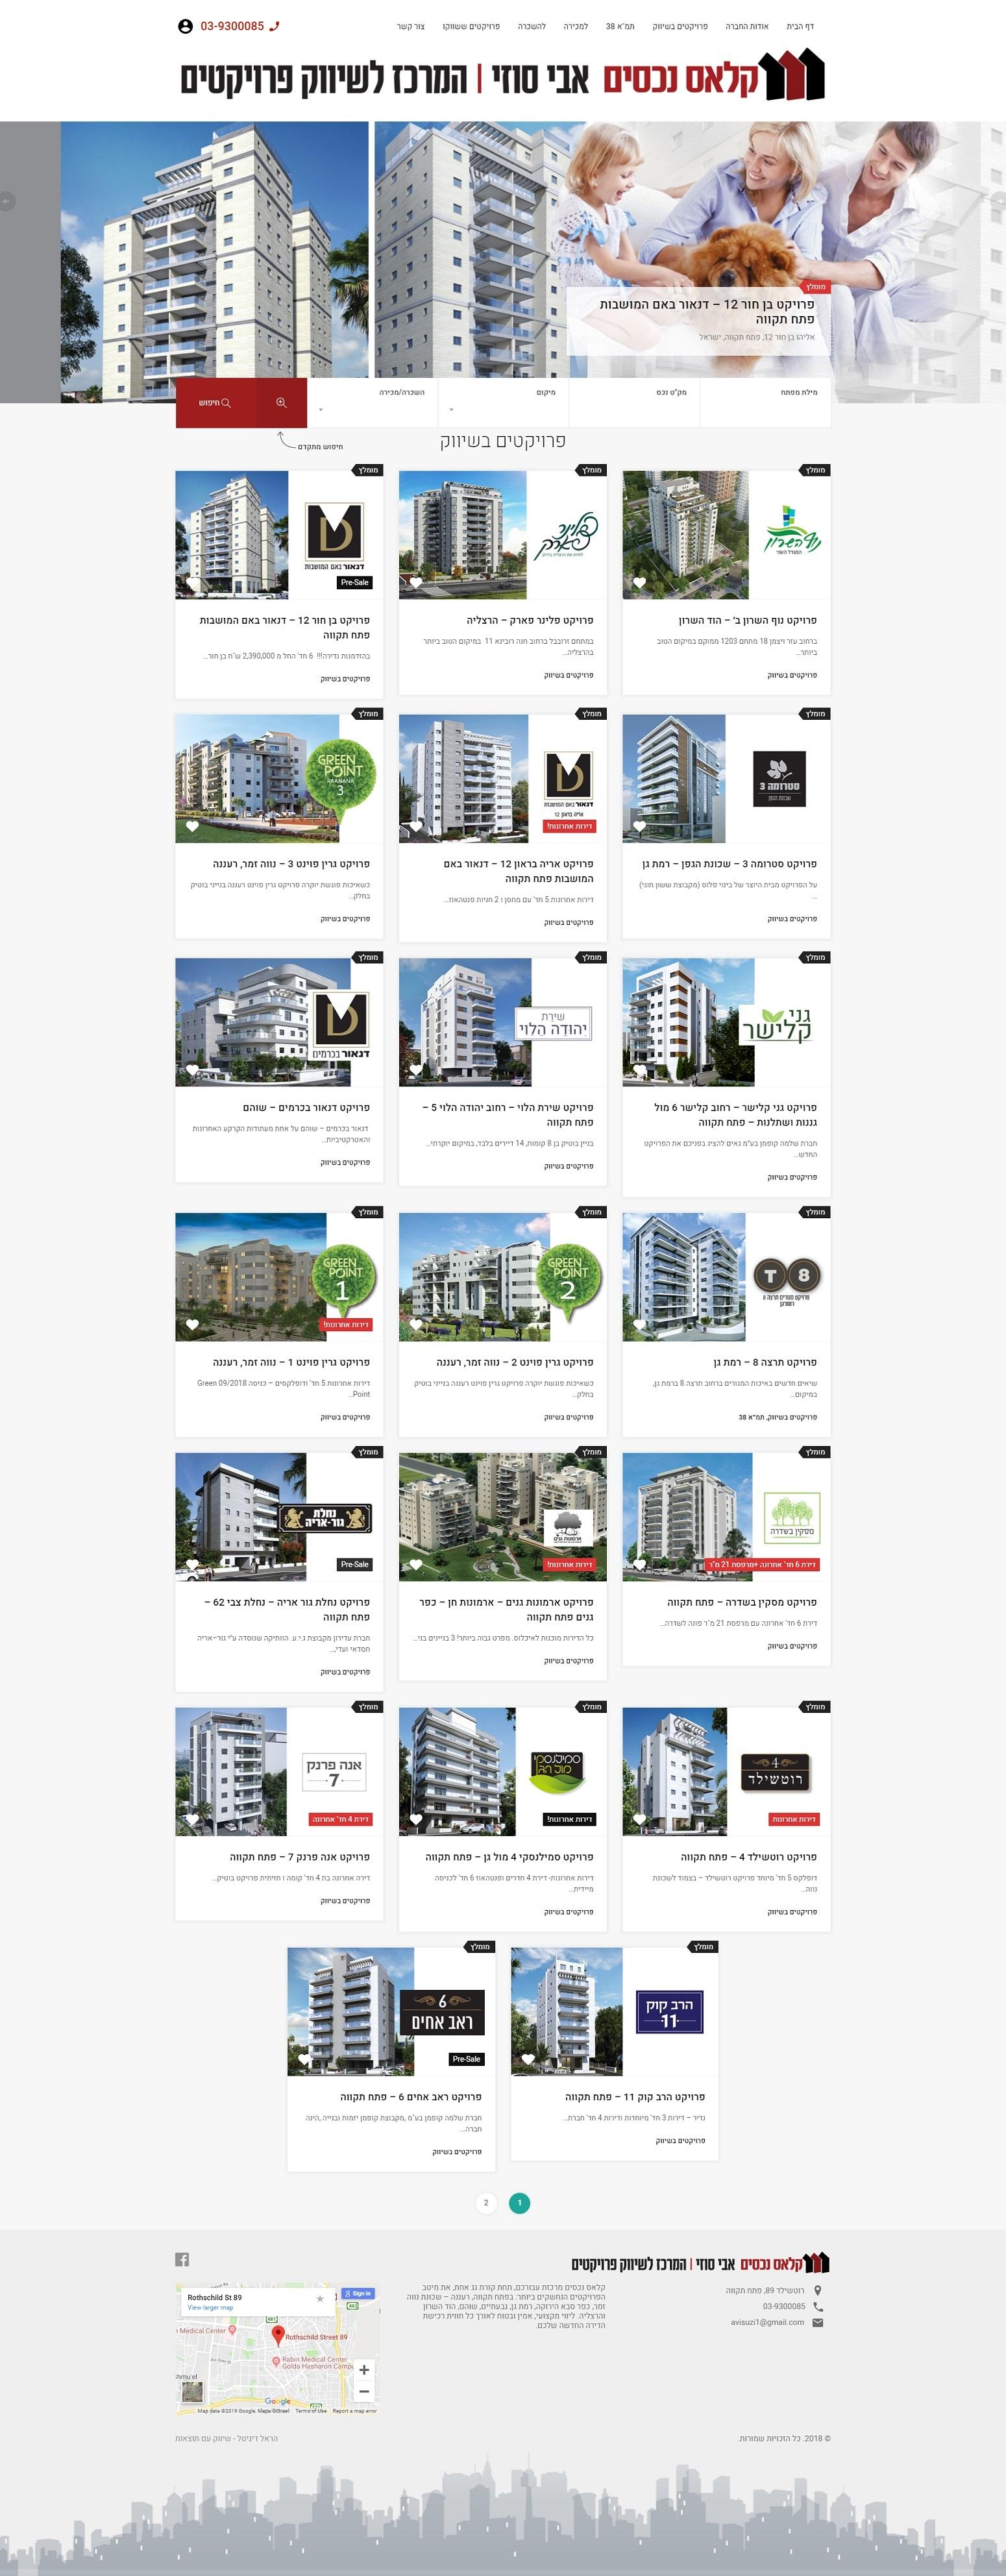 class1 website